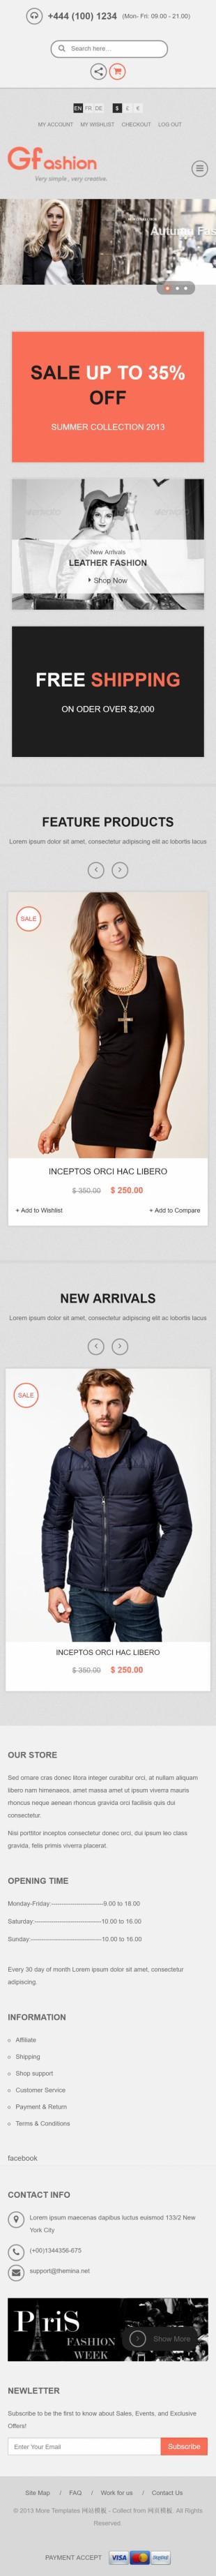 女性时尚服装网购平台英文网站模板手机图片